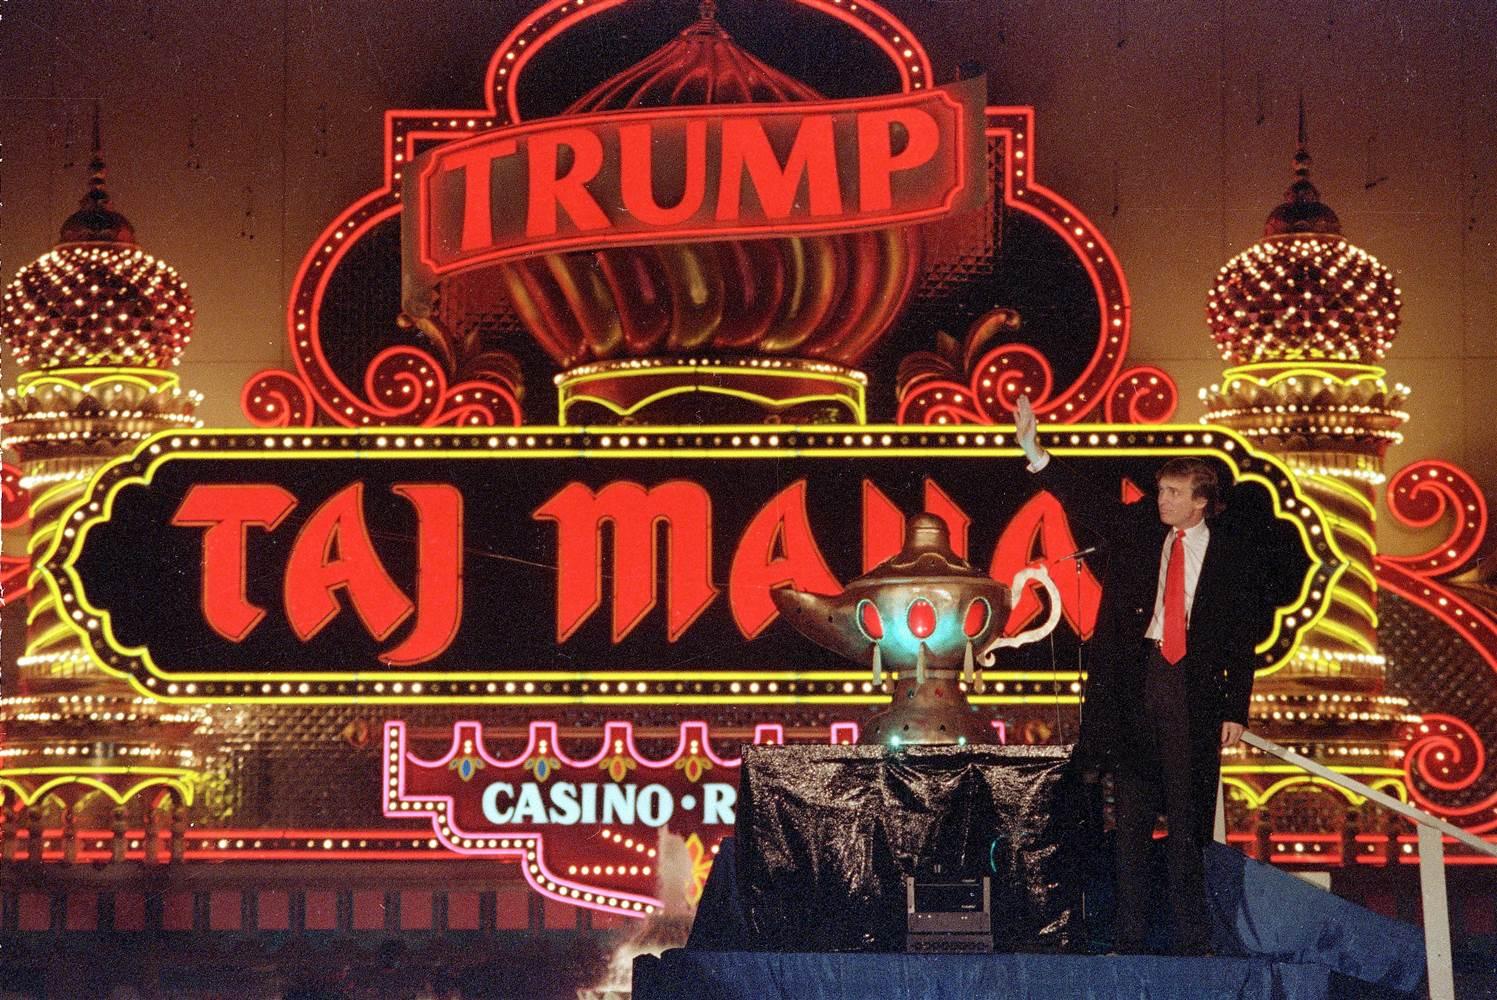 Hard Rock Atlantic City Trump Taj Mahal